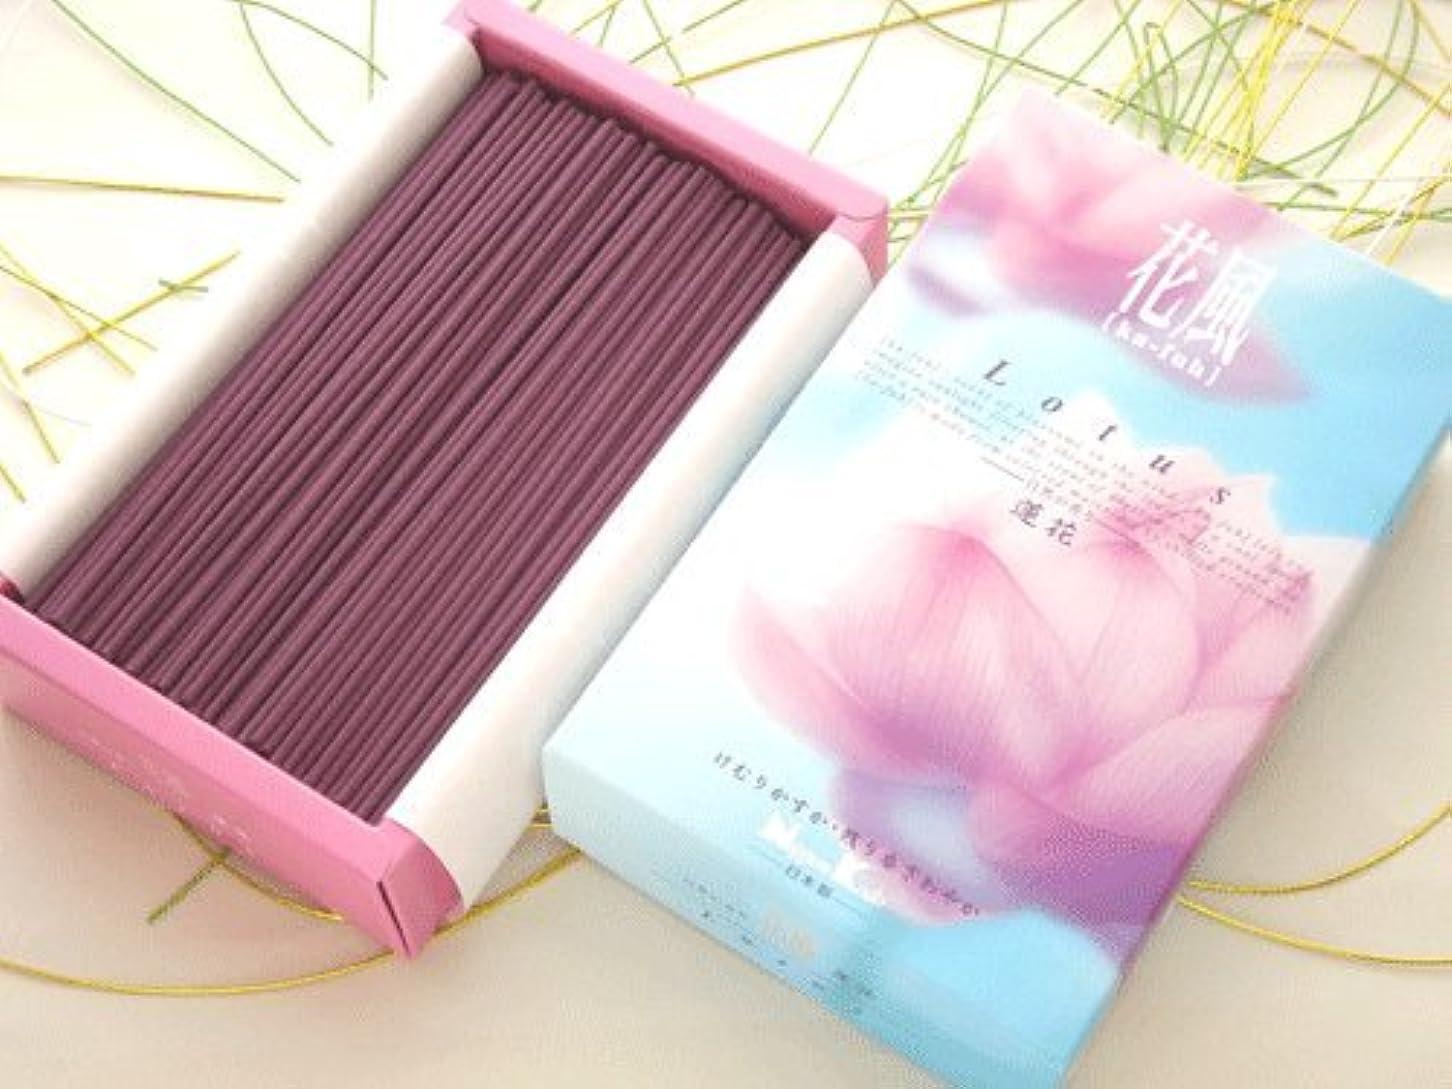 日本香堂 微煙タイプ【花風(かふう)Lotus 蓮花】 大箱